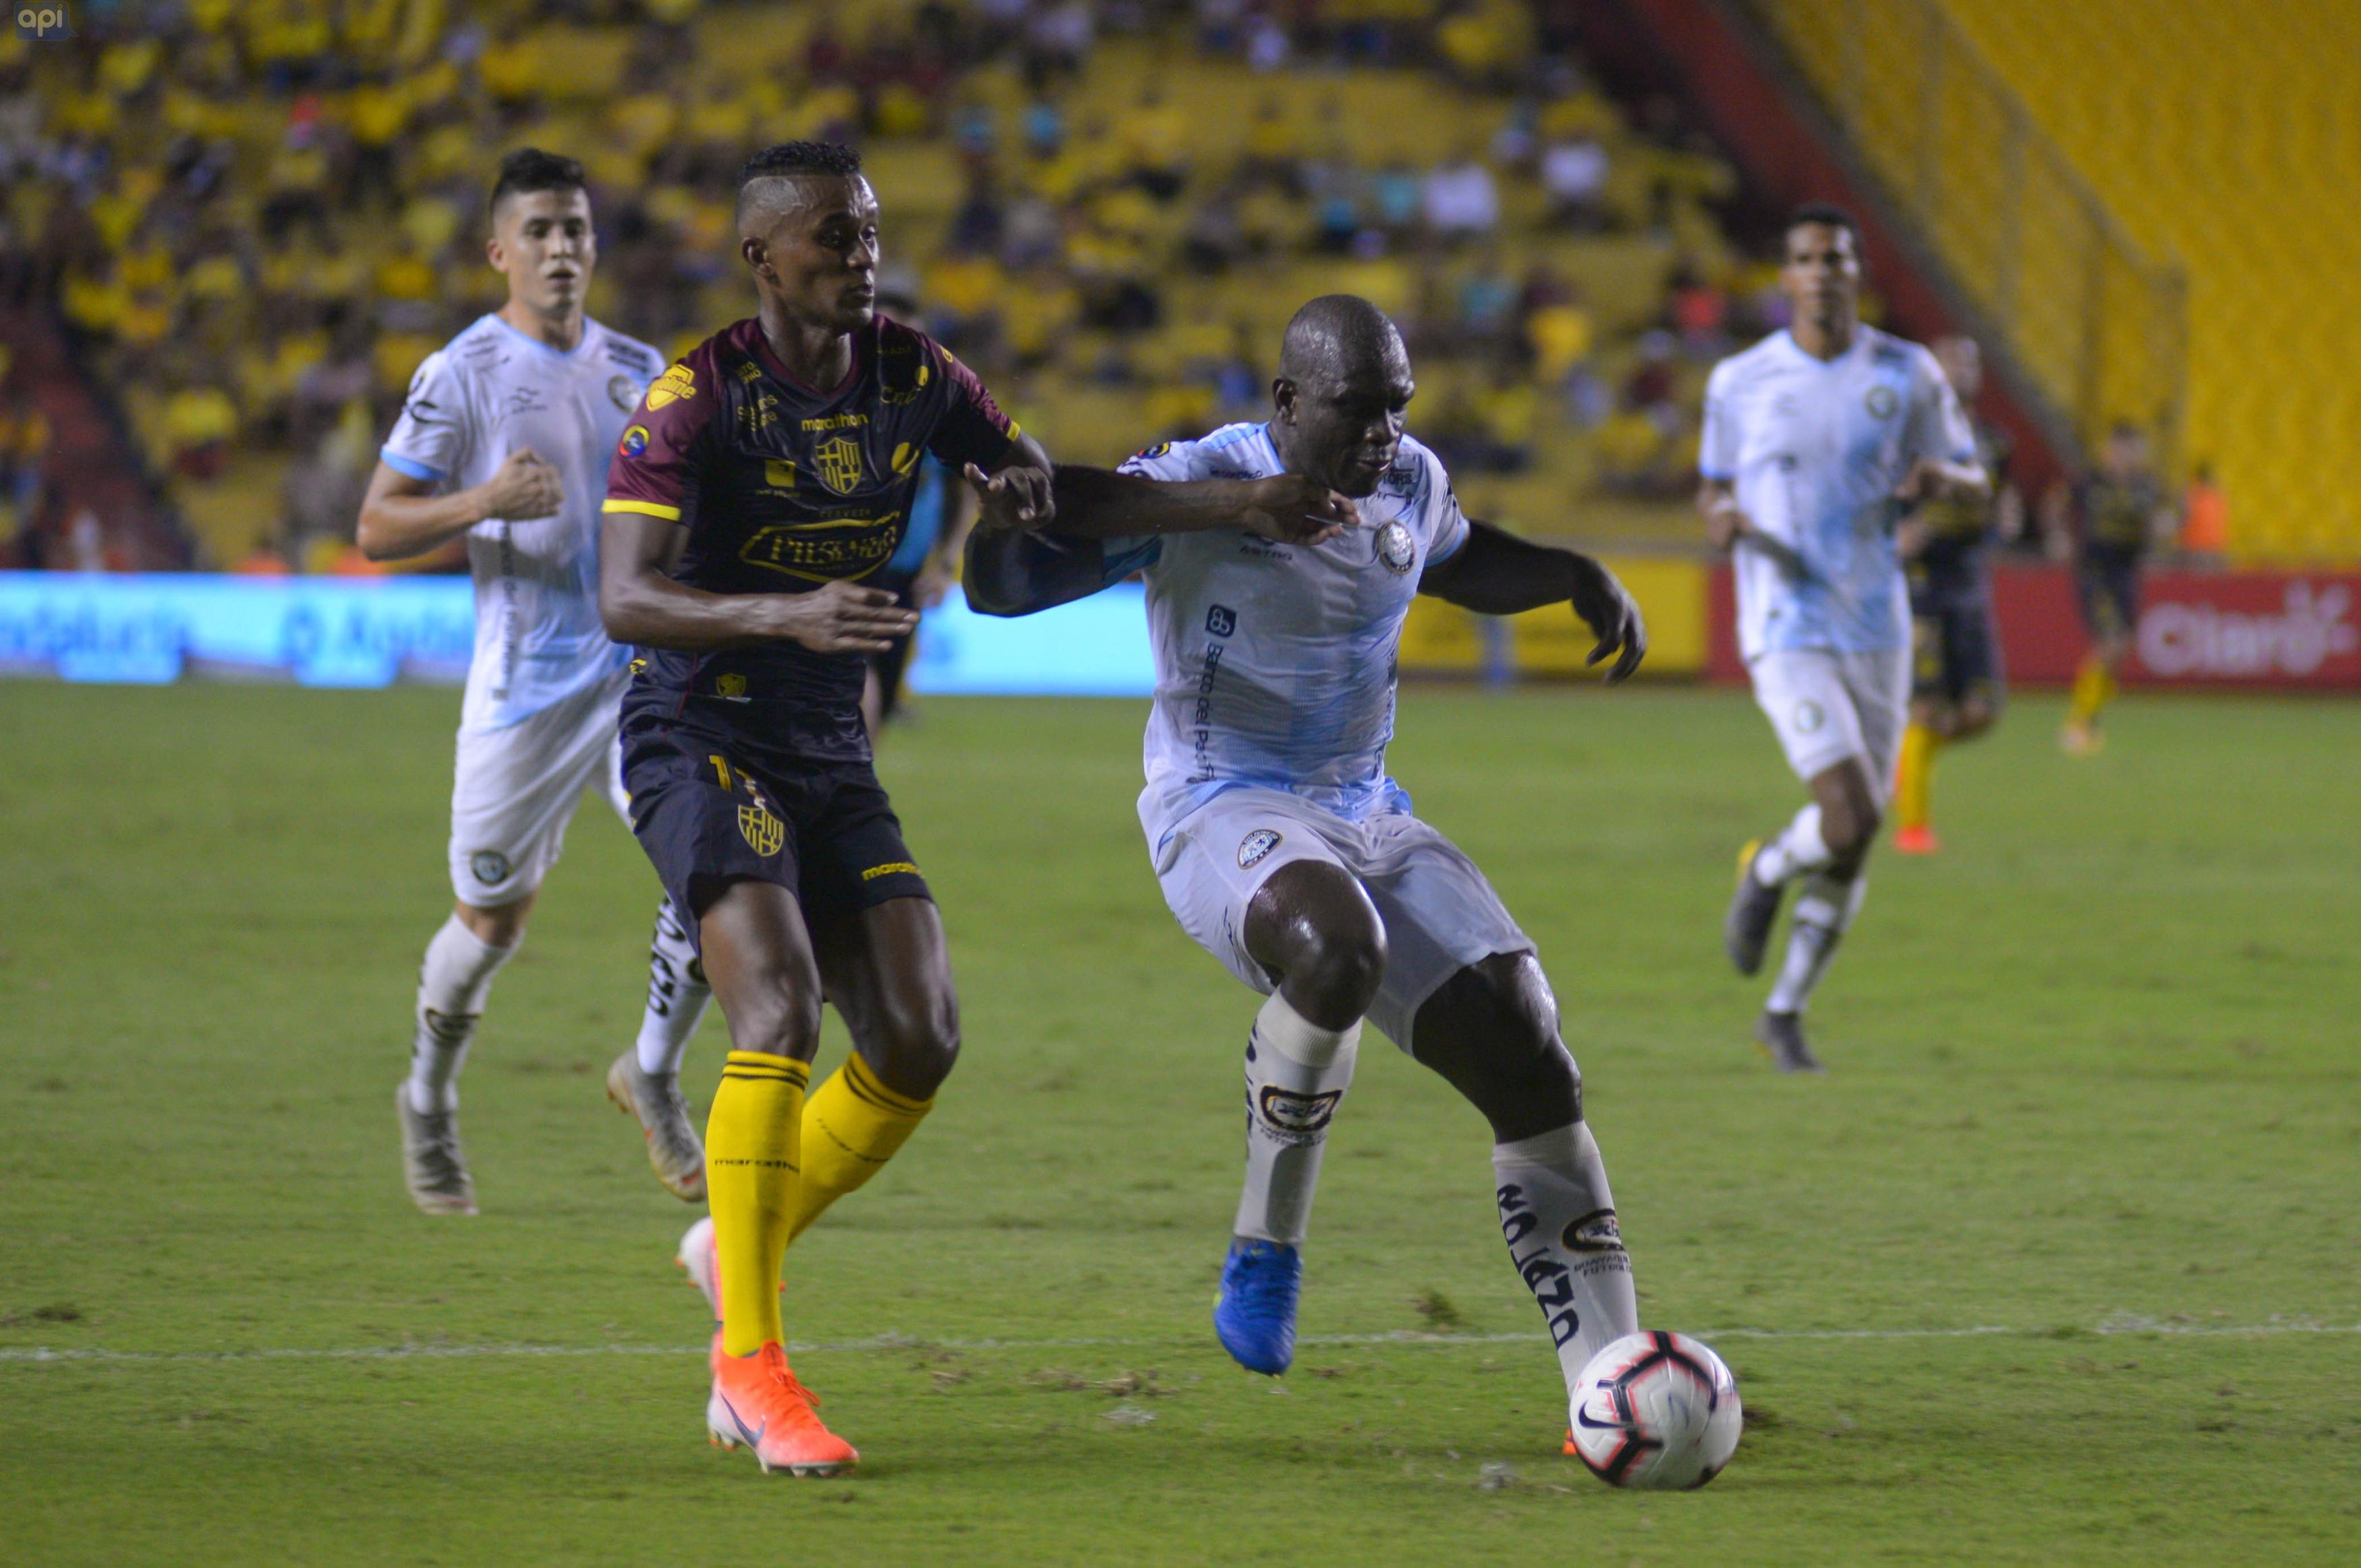 LA FEF autorizó el trámite, a la espera de que la US Soccer apruebe el compromiso